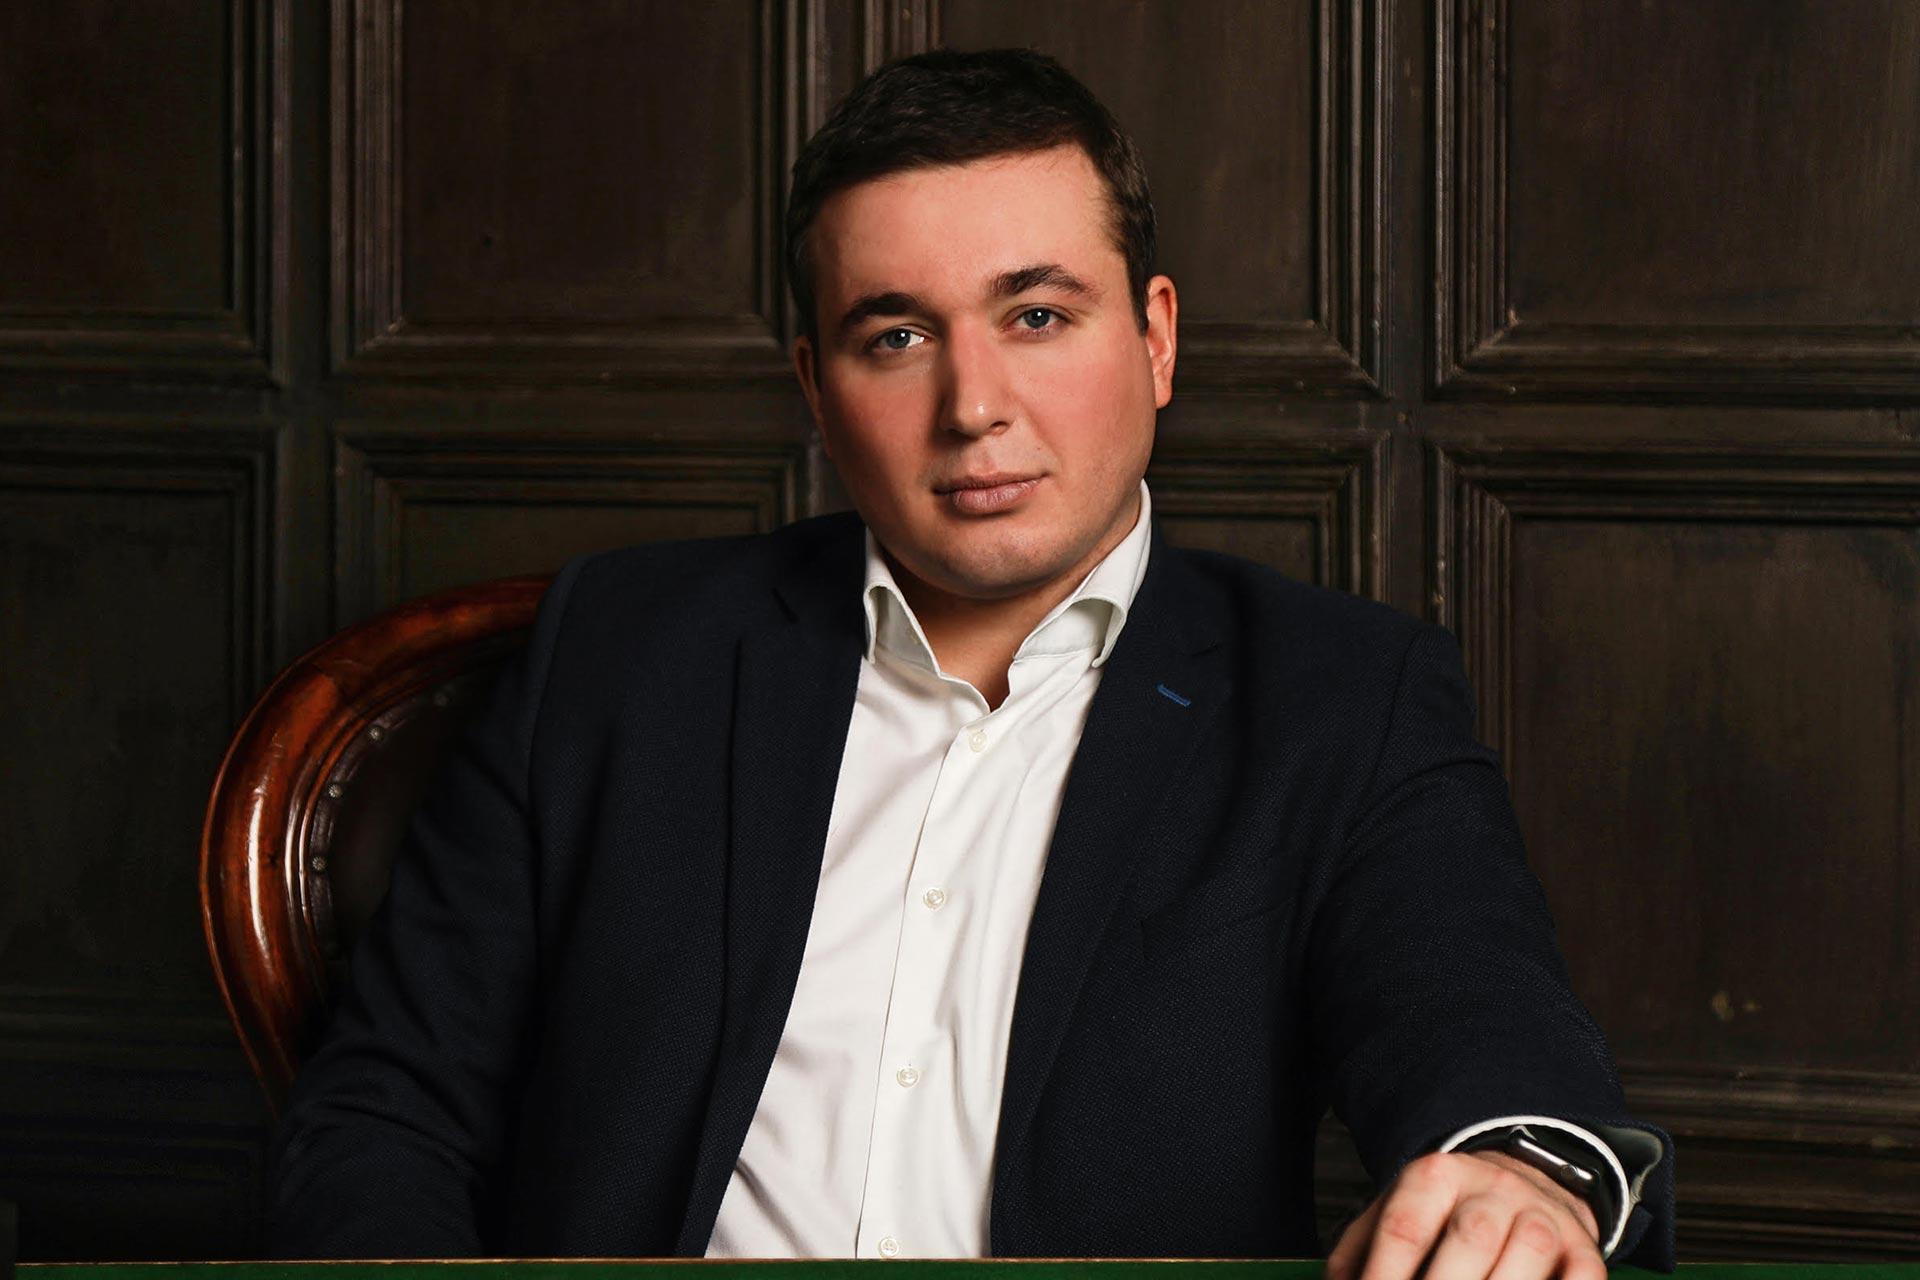 Сергей Громов, CEO ТОПового рекламного BTL-агентства «Хорошие Люди»